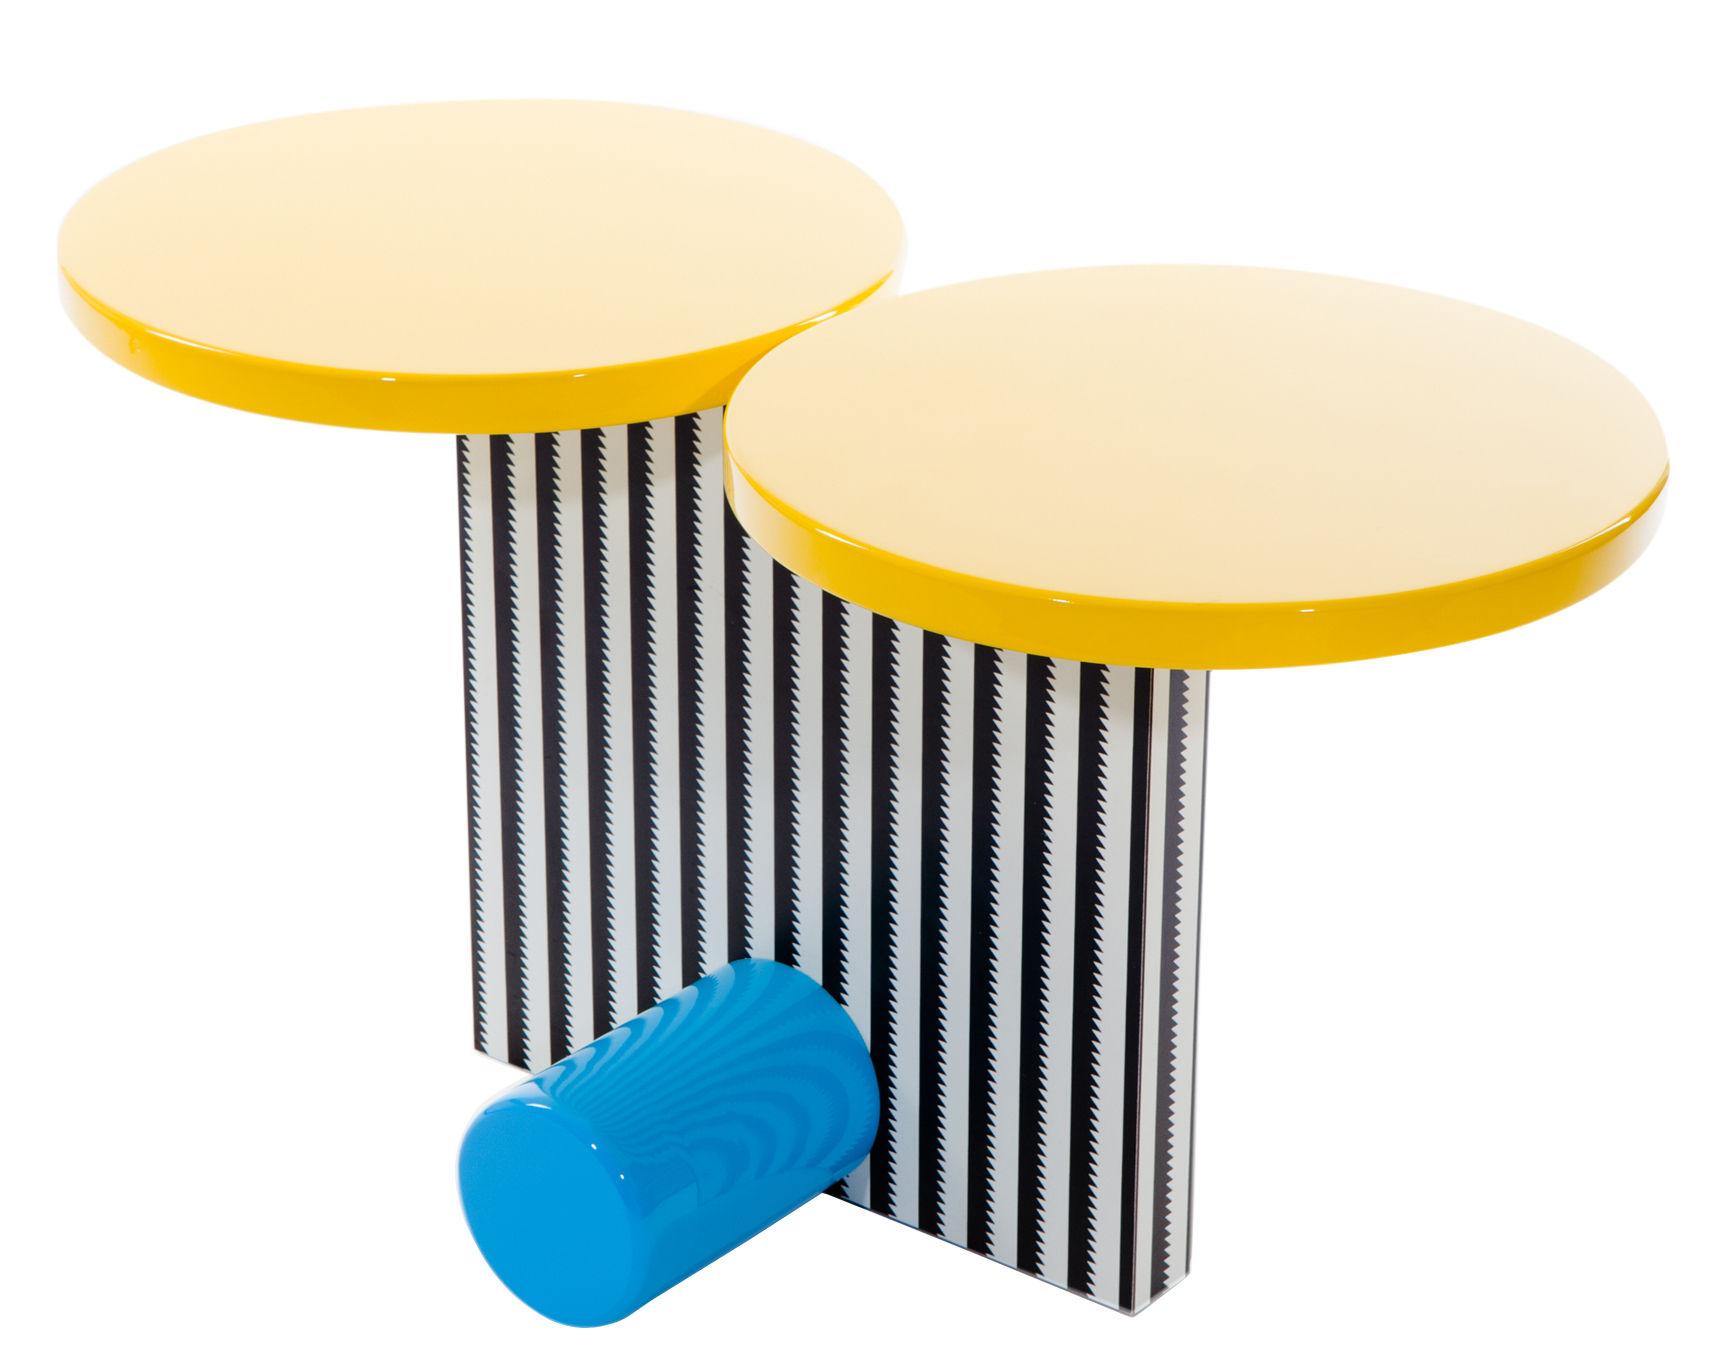 Mobilier - Tables basses - Table d'appoint Polar by Michele De Lucchi / 1984 - Memphis Milano - Multicolore - Bois laqué, Laminé plastique